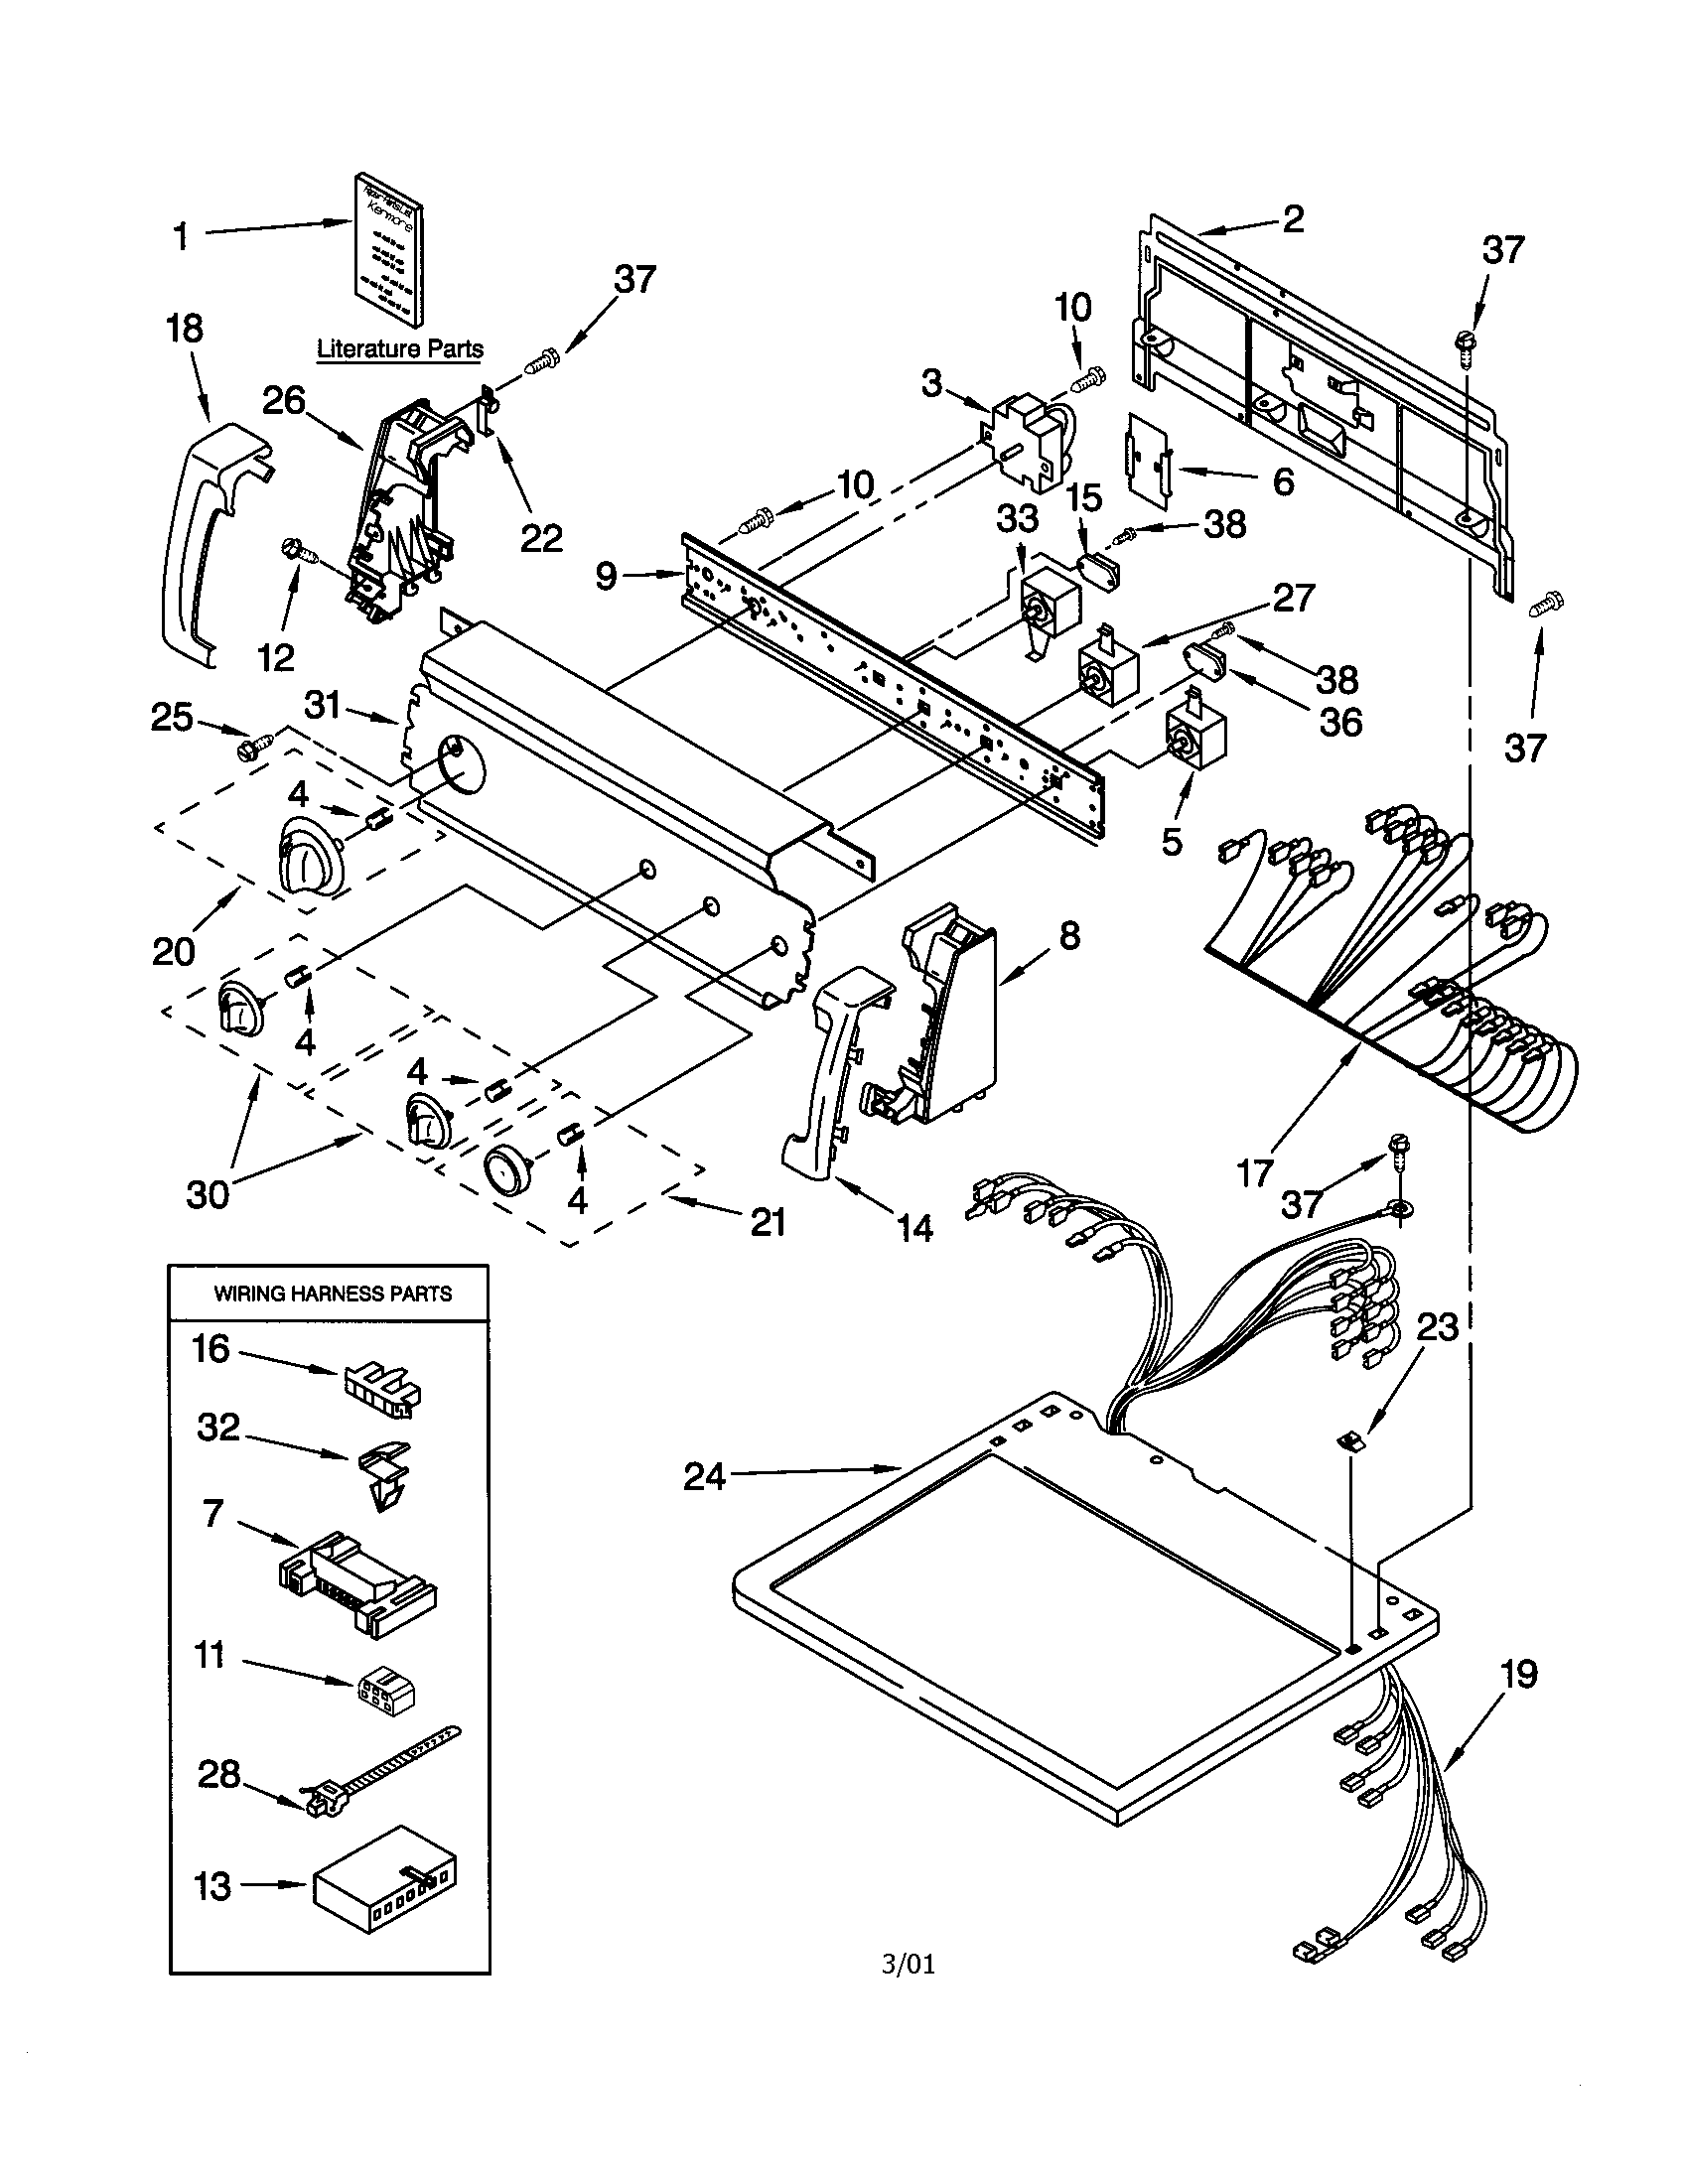 P0103156 00001?resize\=665%2C863 kenmore dryer model 11087872602 wiring diagram kenmore wiring  at bayanpartner.co